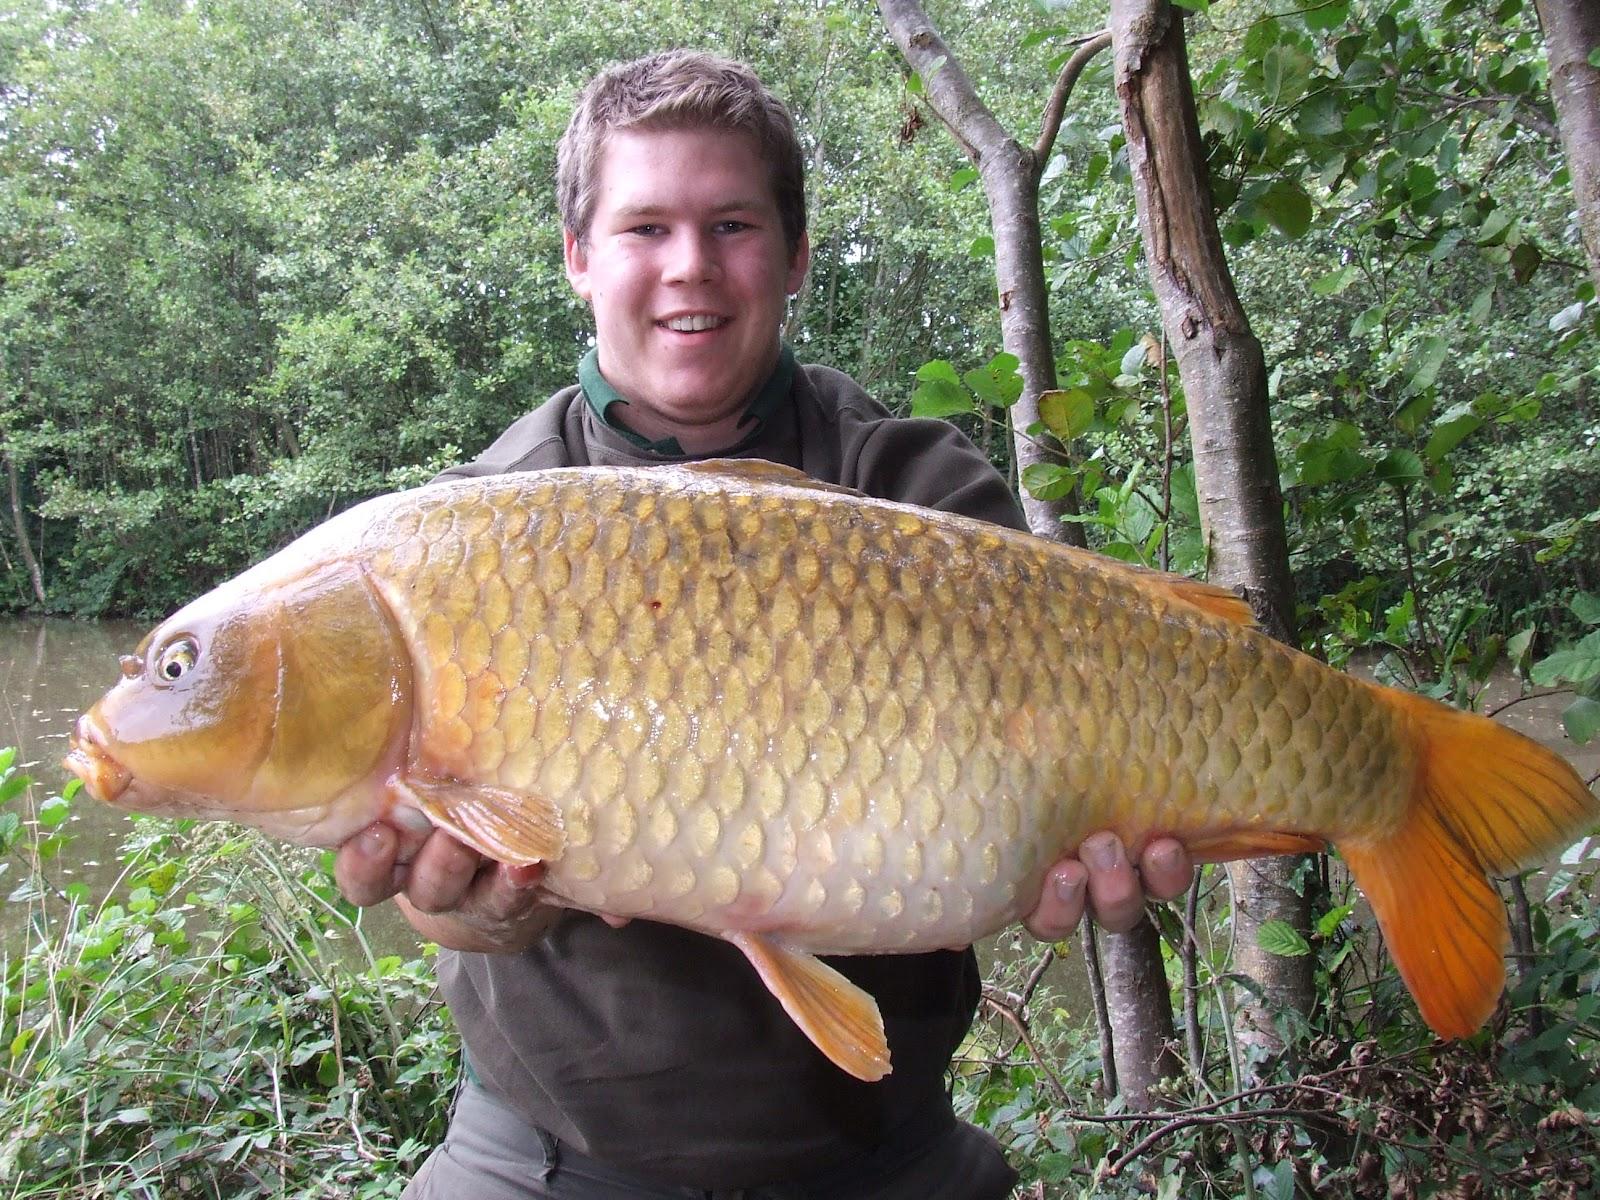 Resep Umpan Ikan Mas Besar Terbaik Dan Jitu Umpan Mancing Mania